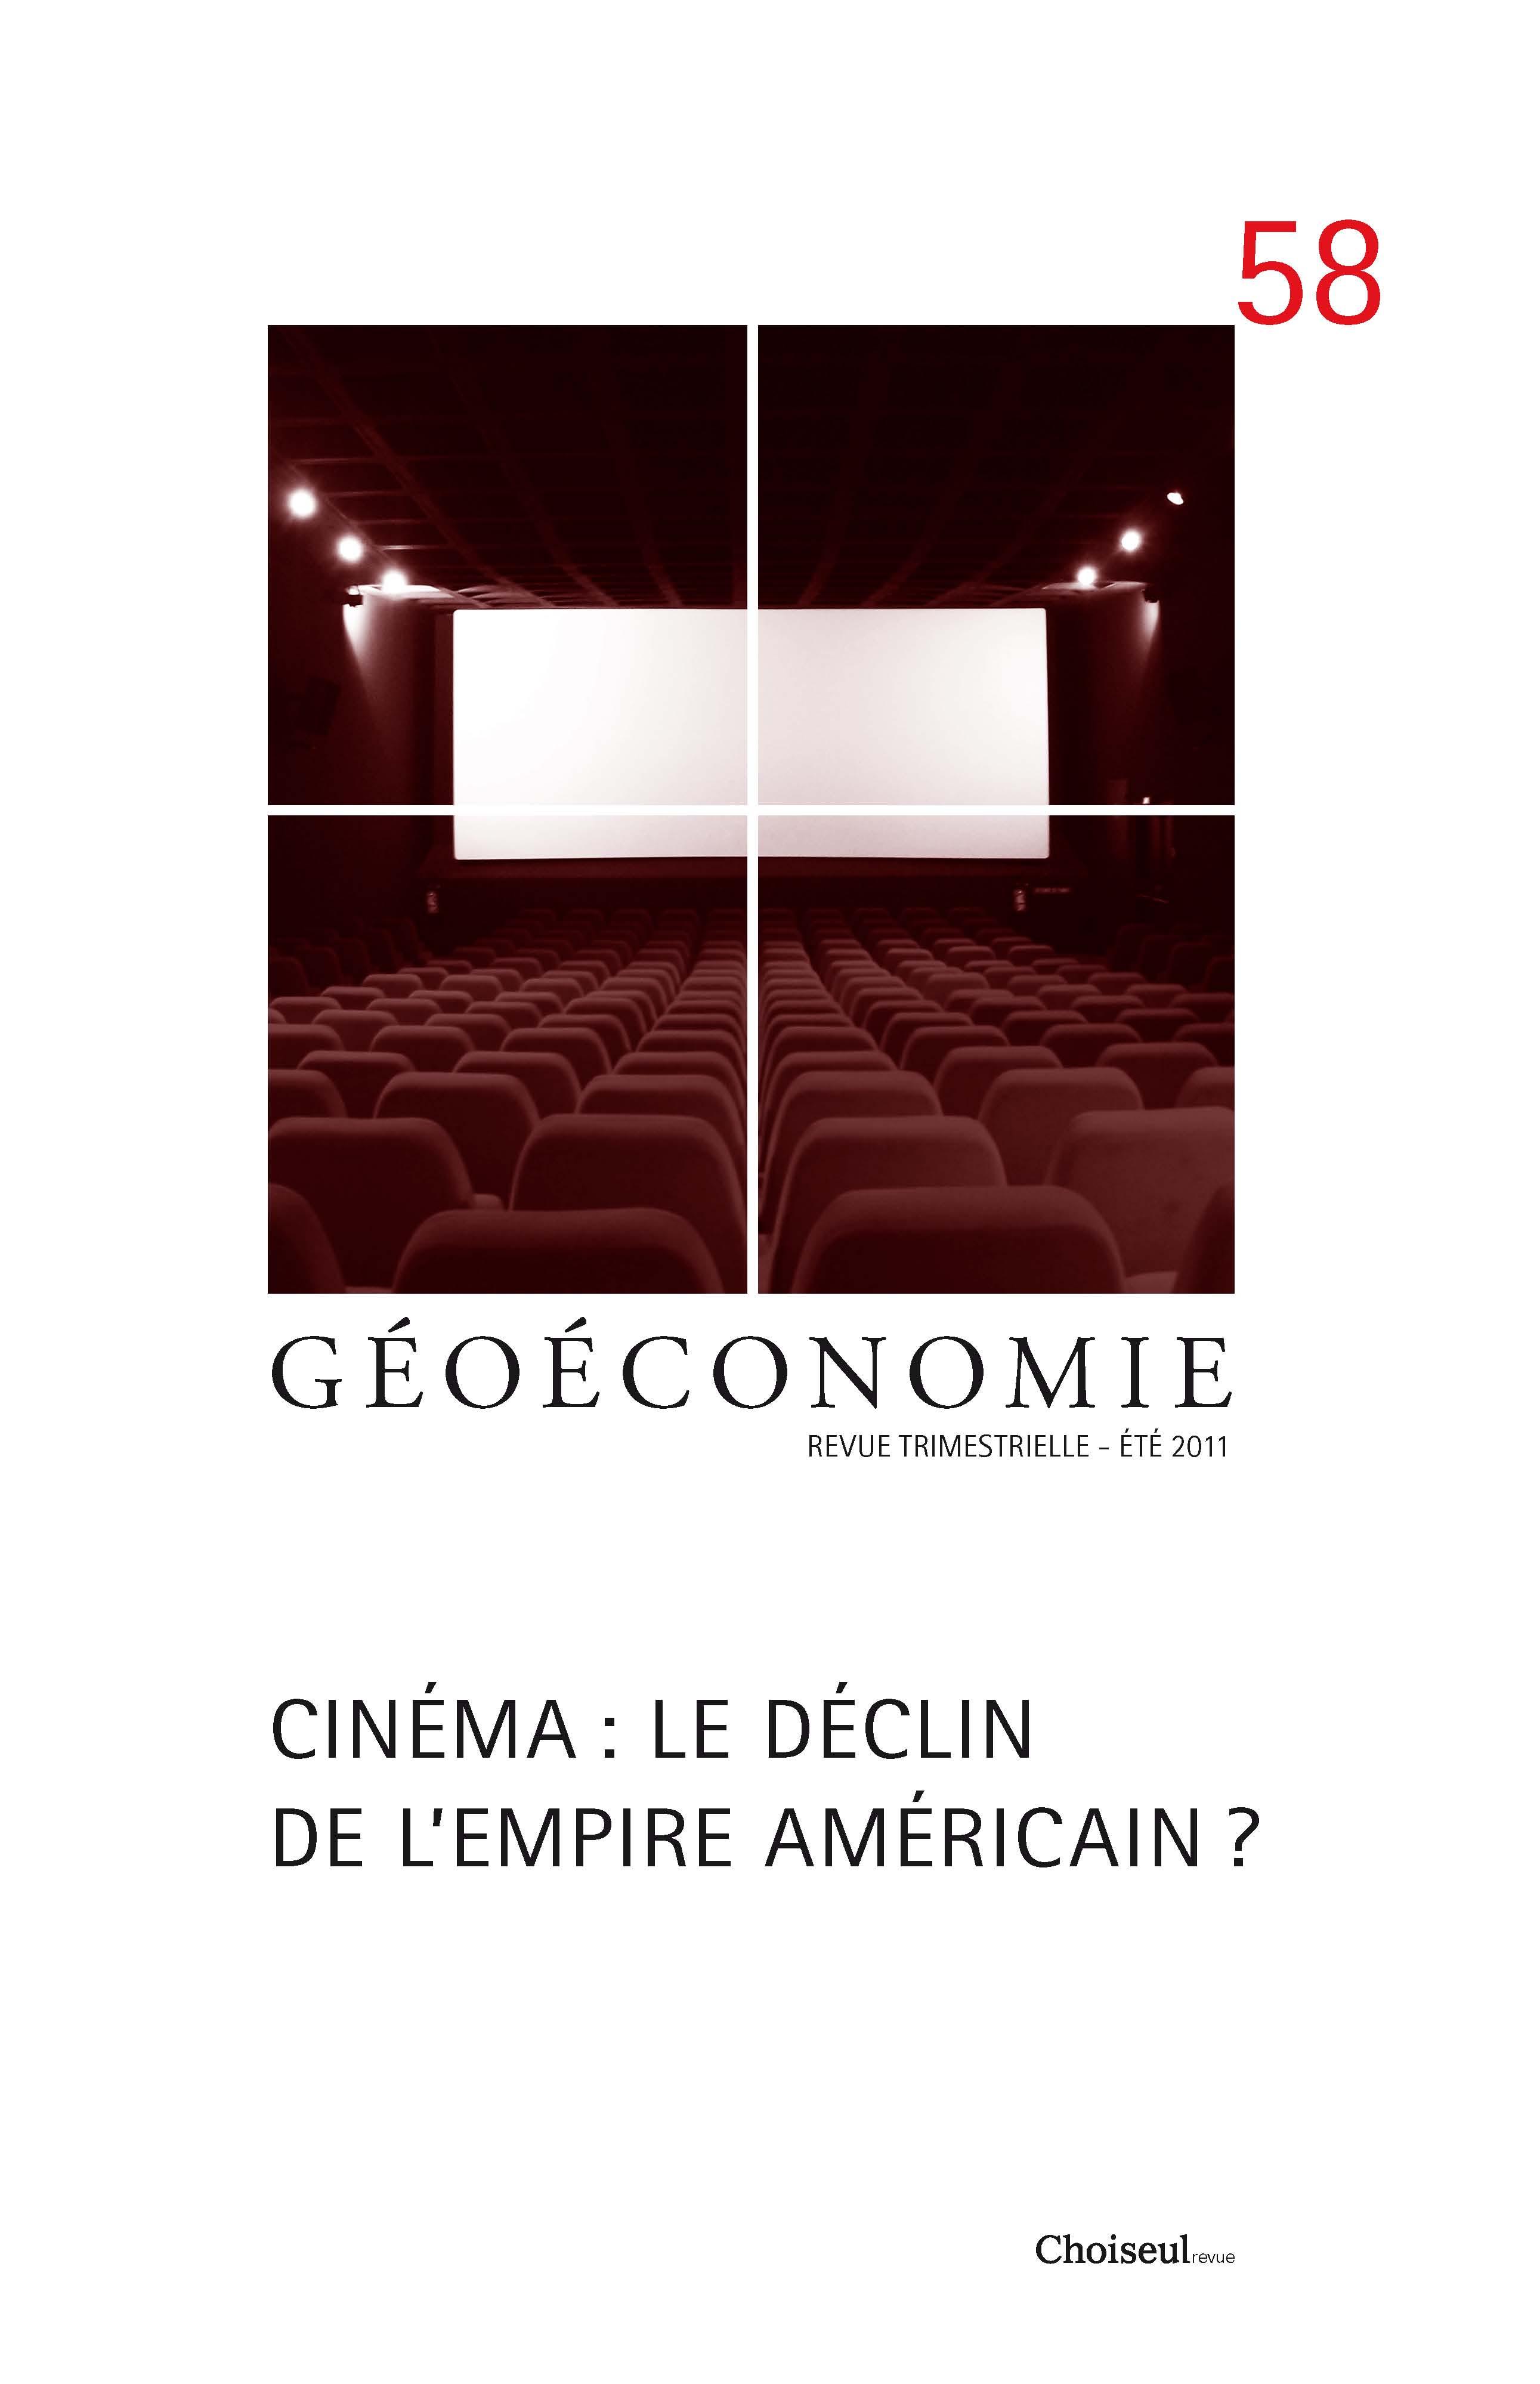 Géoéconomie 58